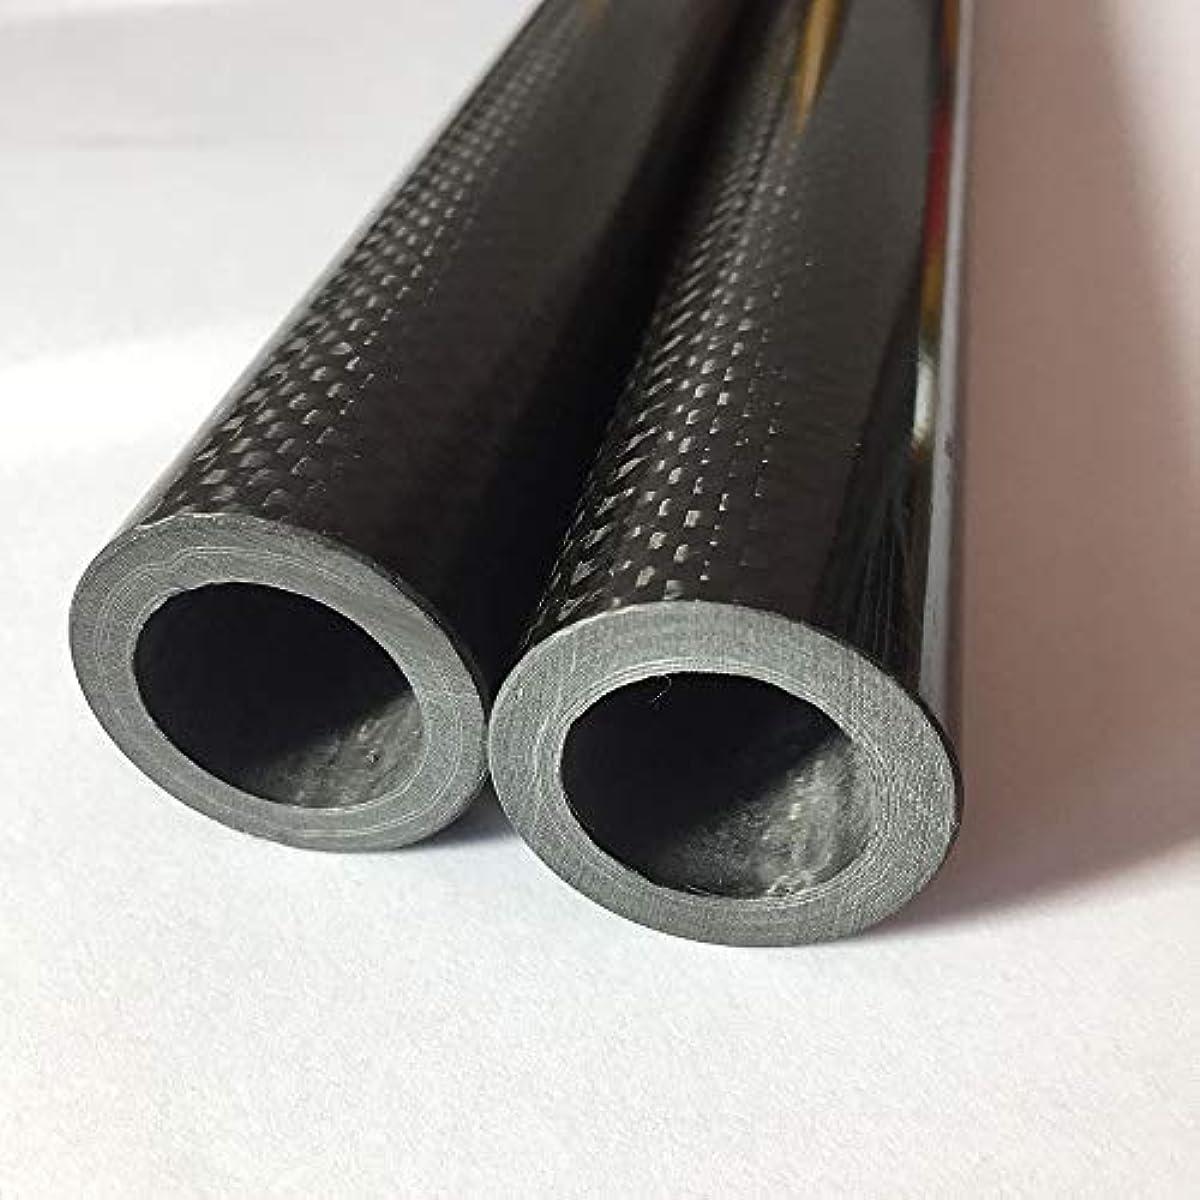 [해외] ABESTER 3K 카본 파이프 중공 튜브 탄소 섬유 안쪽 치수6MM X 외지름10MM X 길이500MM (pos /2개) 평옷감 광택이 있는 표범면 (1개 10MM X 6MM X 500MM)